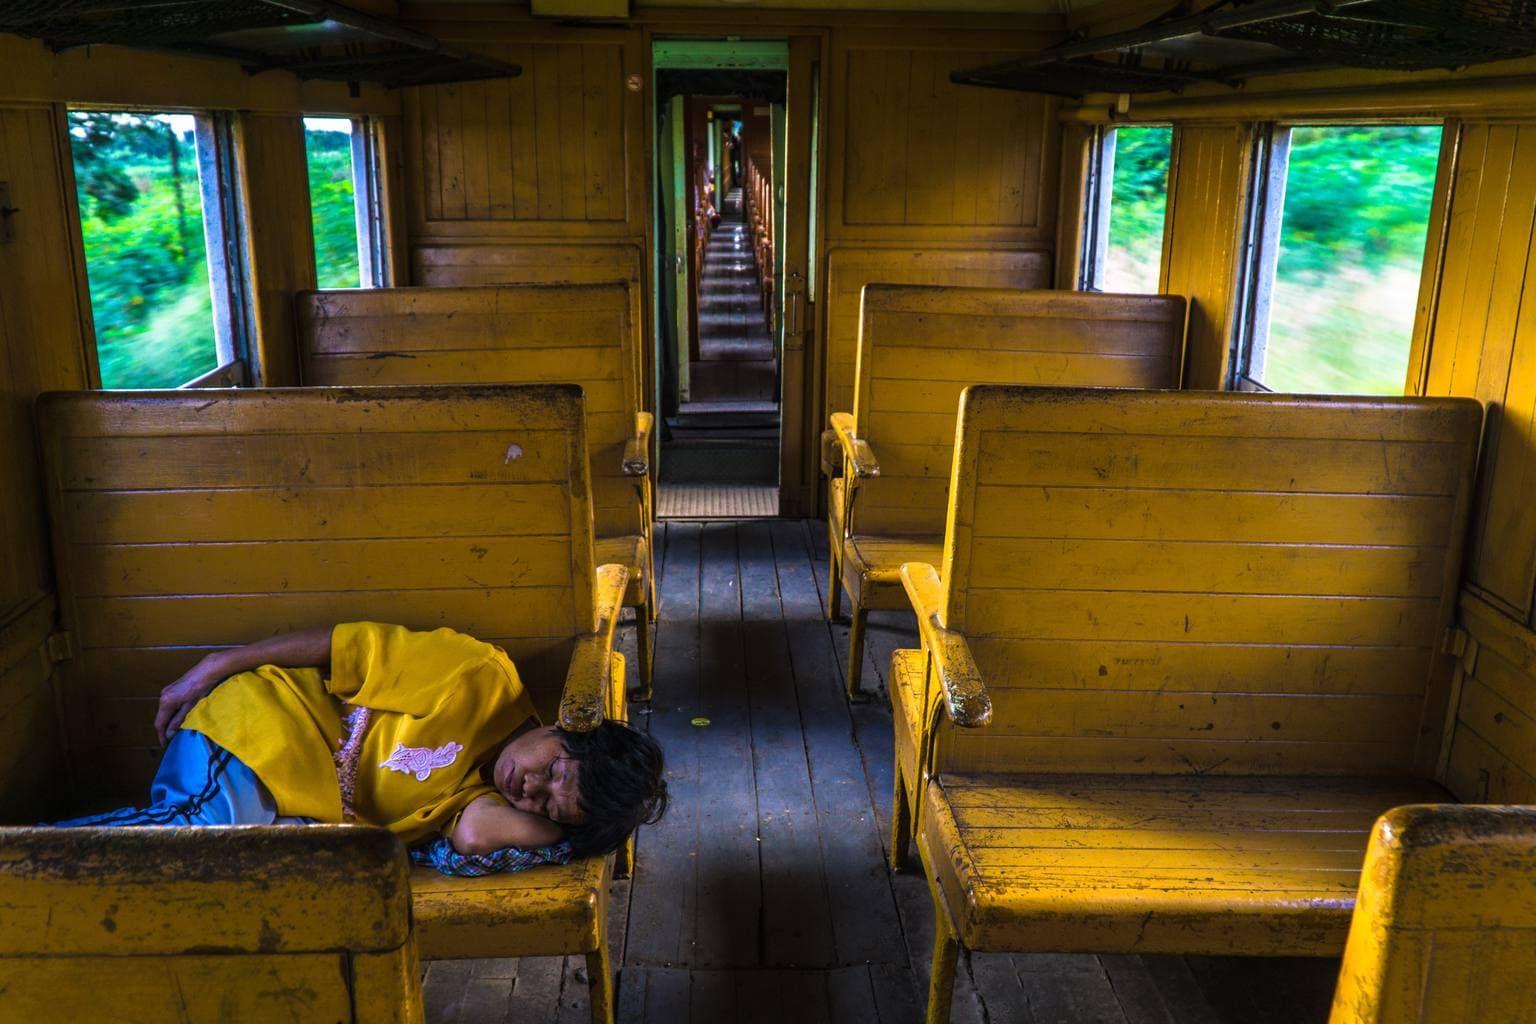 Vagón de tren amarillo con alguien durmiendo la siesta